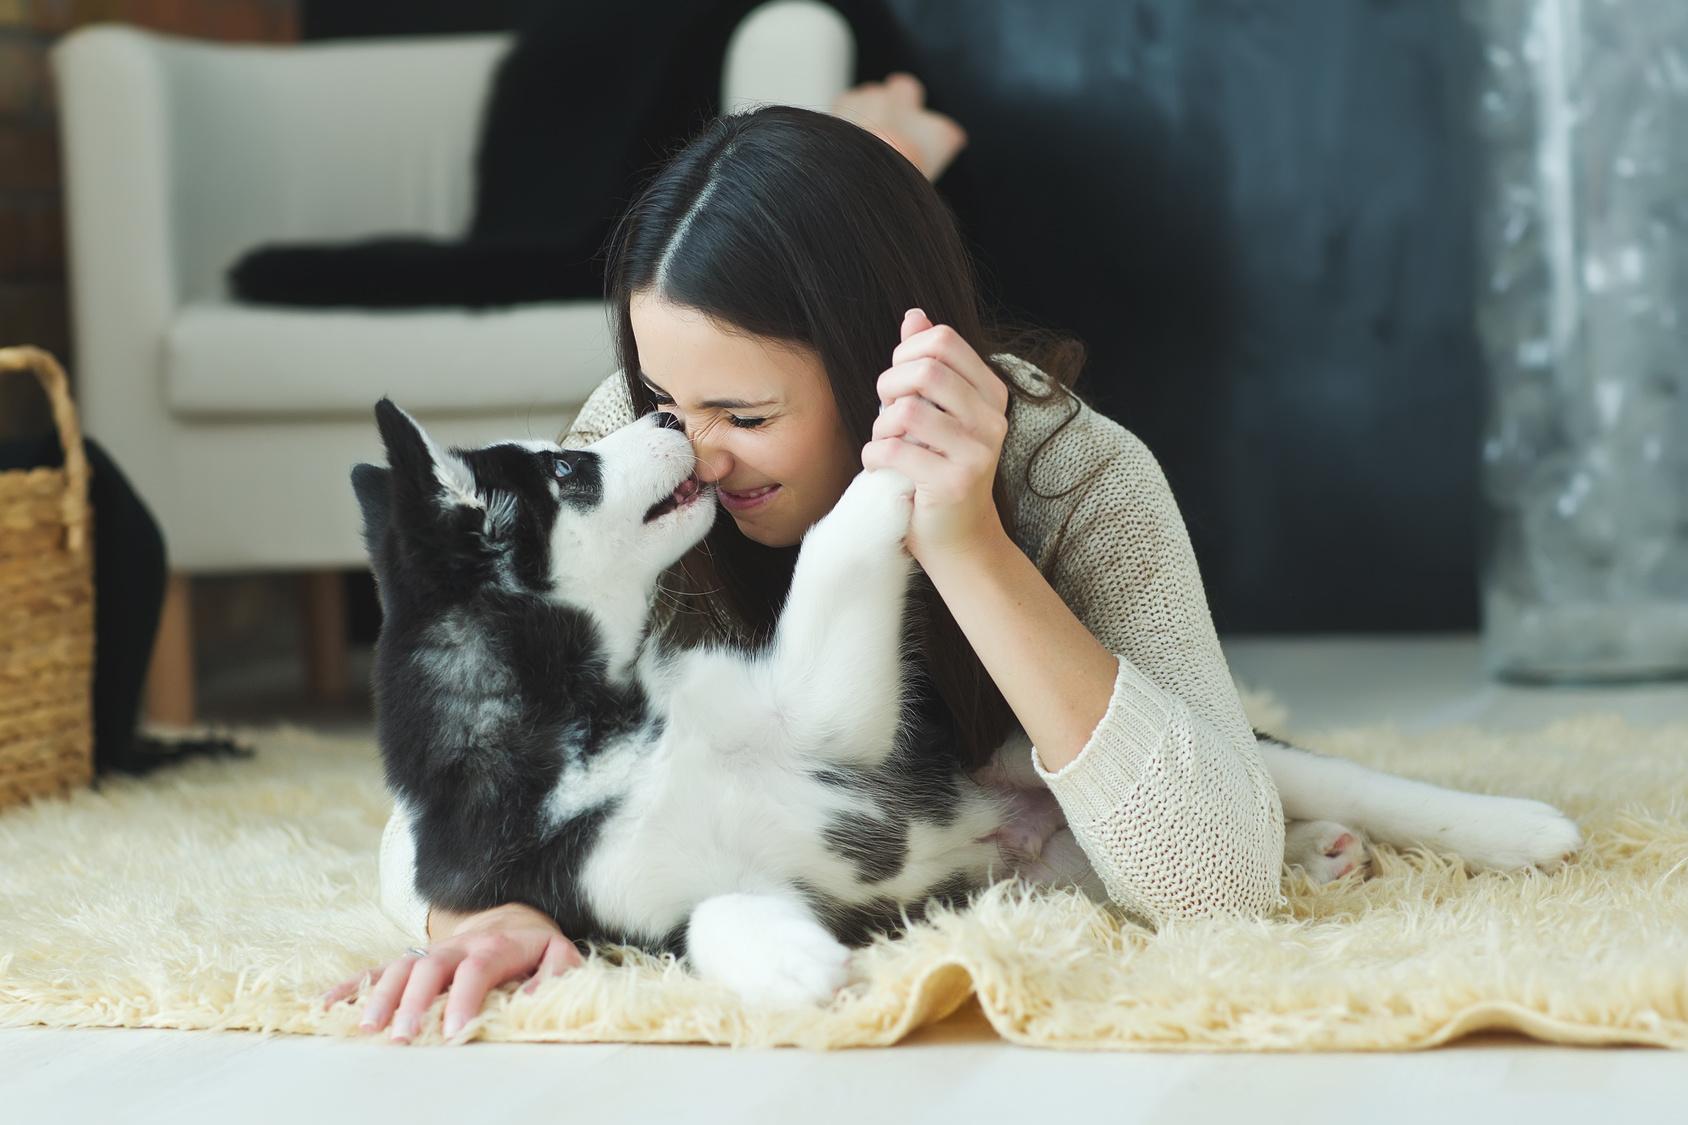 Mit hund meinem geschlafen ich habe hilfe_ich_habe_ausversehen_mit_meinem_hund_geschlafen —